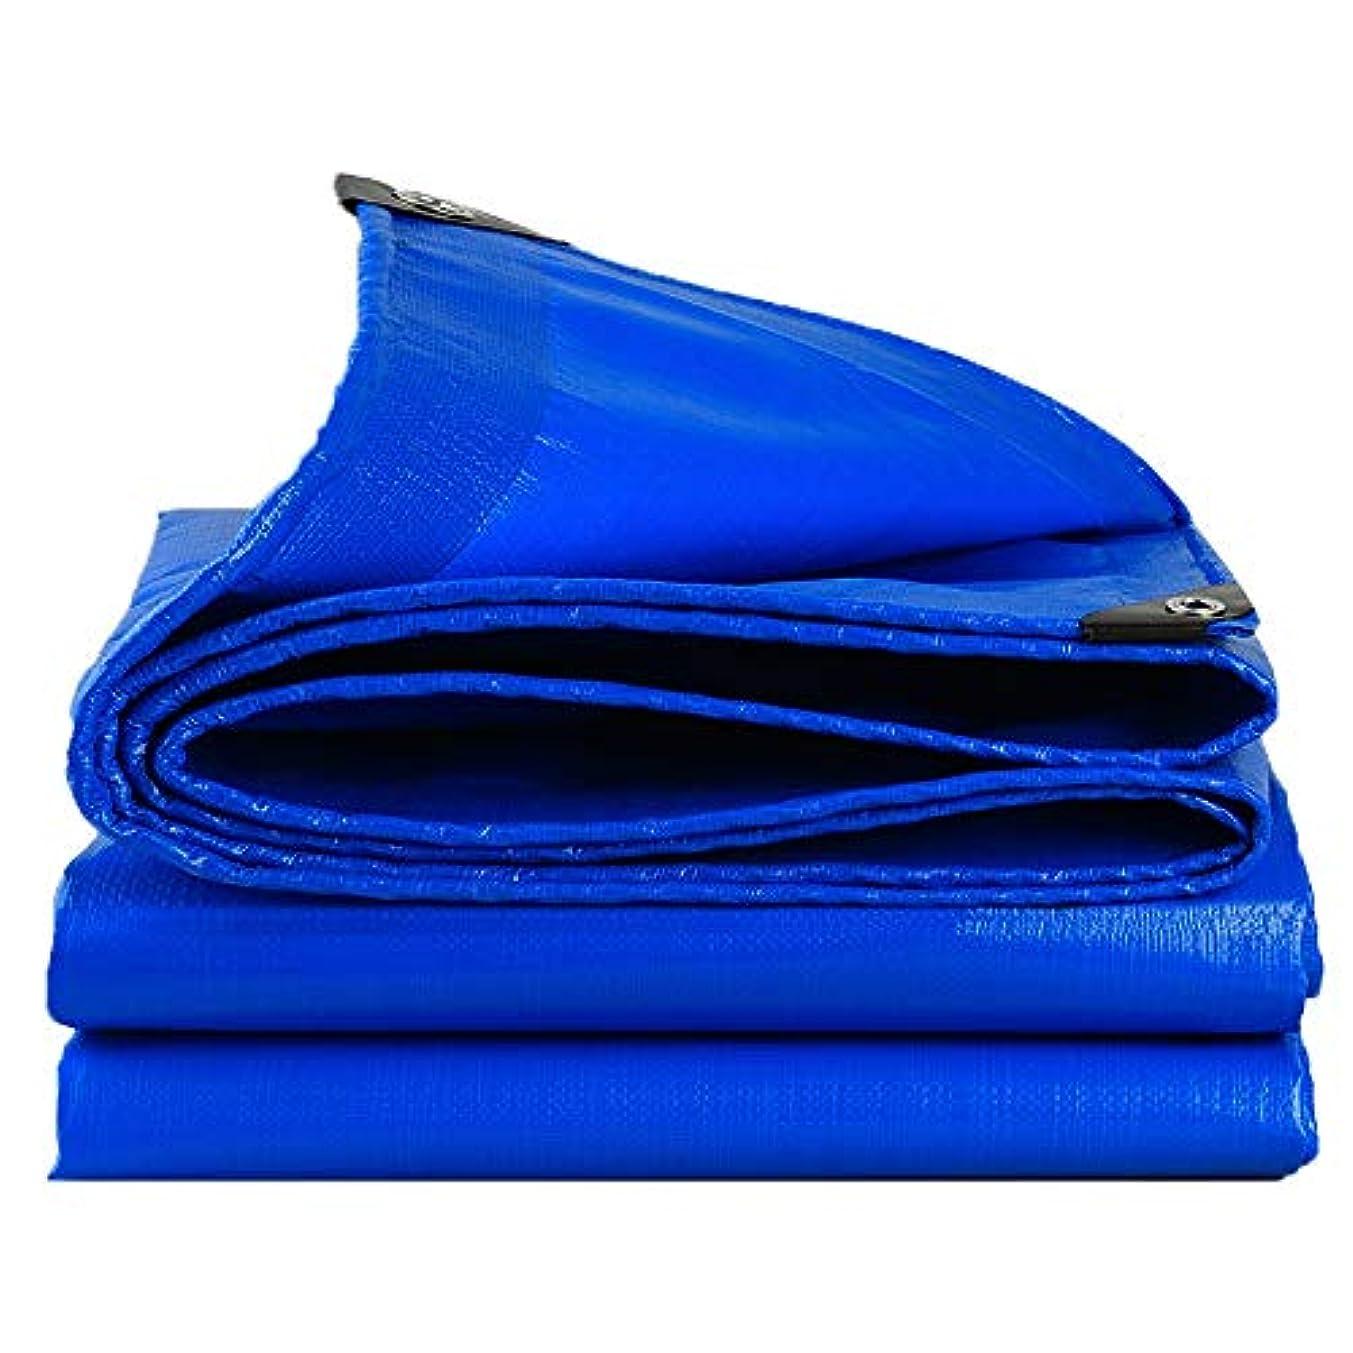 助けになる東ティモールハロウィンXF 防水シートパッド入り屋外サンシェードポンチョターポリン日焼け止めプラスチック布ターポリン絶縁キャンバスキャノピー、利用可能な アウトドアキャンプ用品 (Size : 3mX4m)